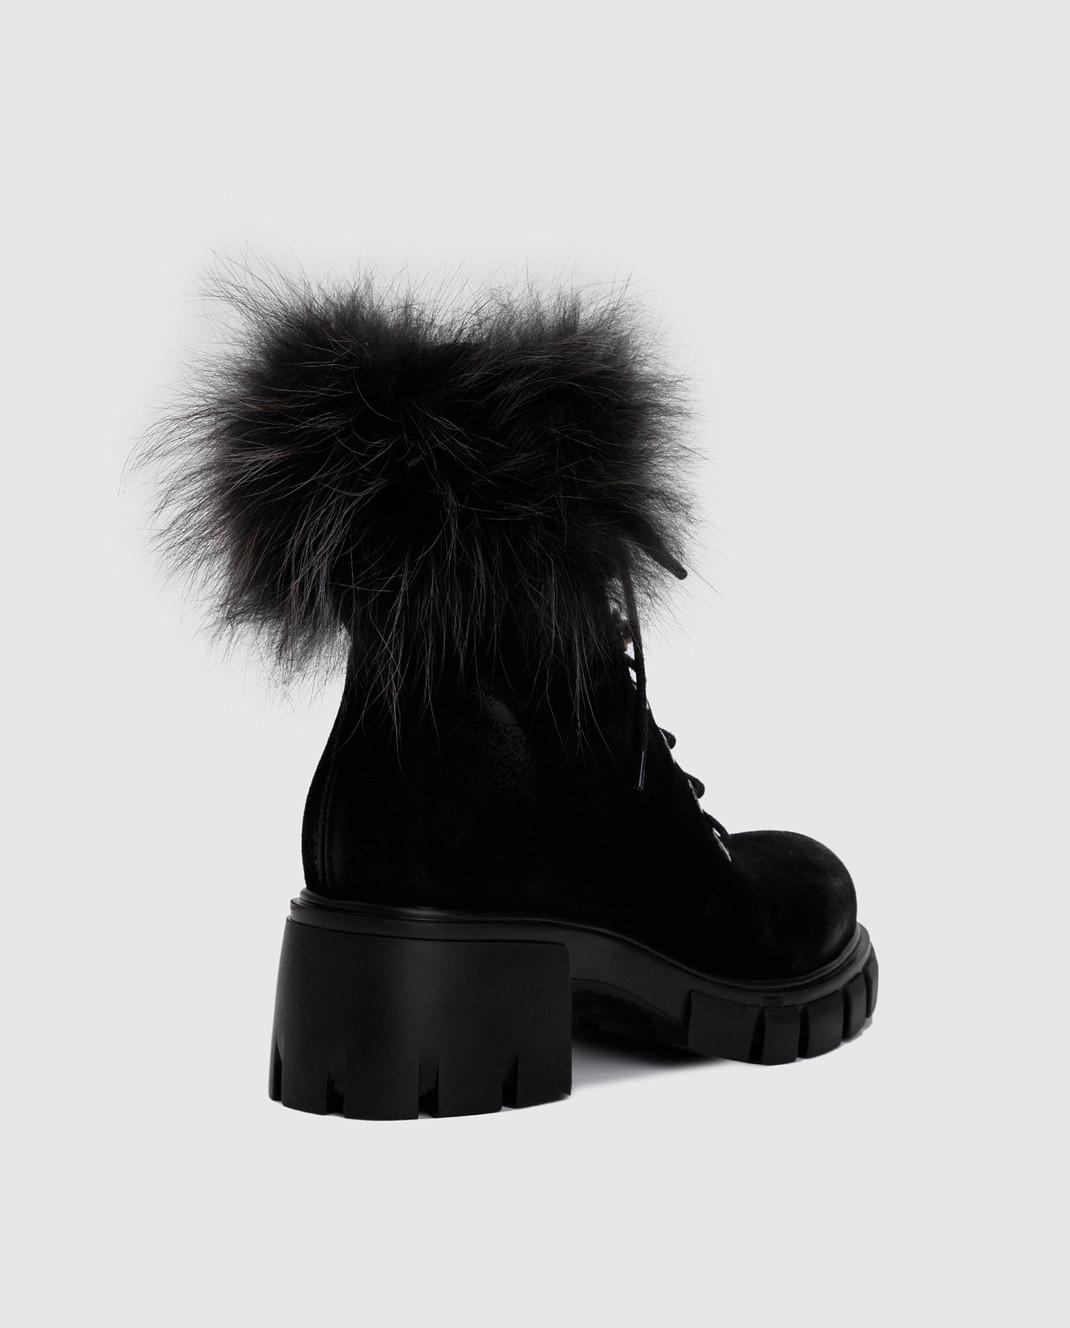 Fru it Черные замшевые ботинки 5125M изображение 4